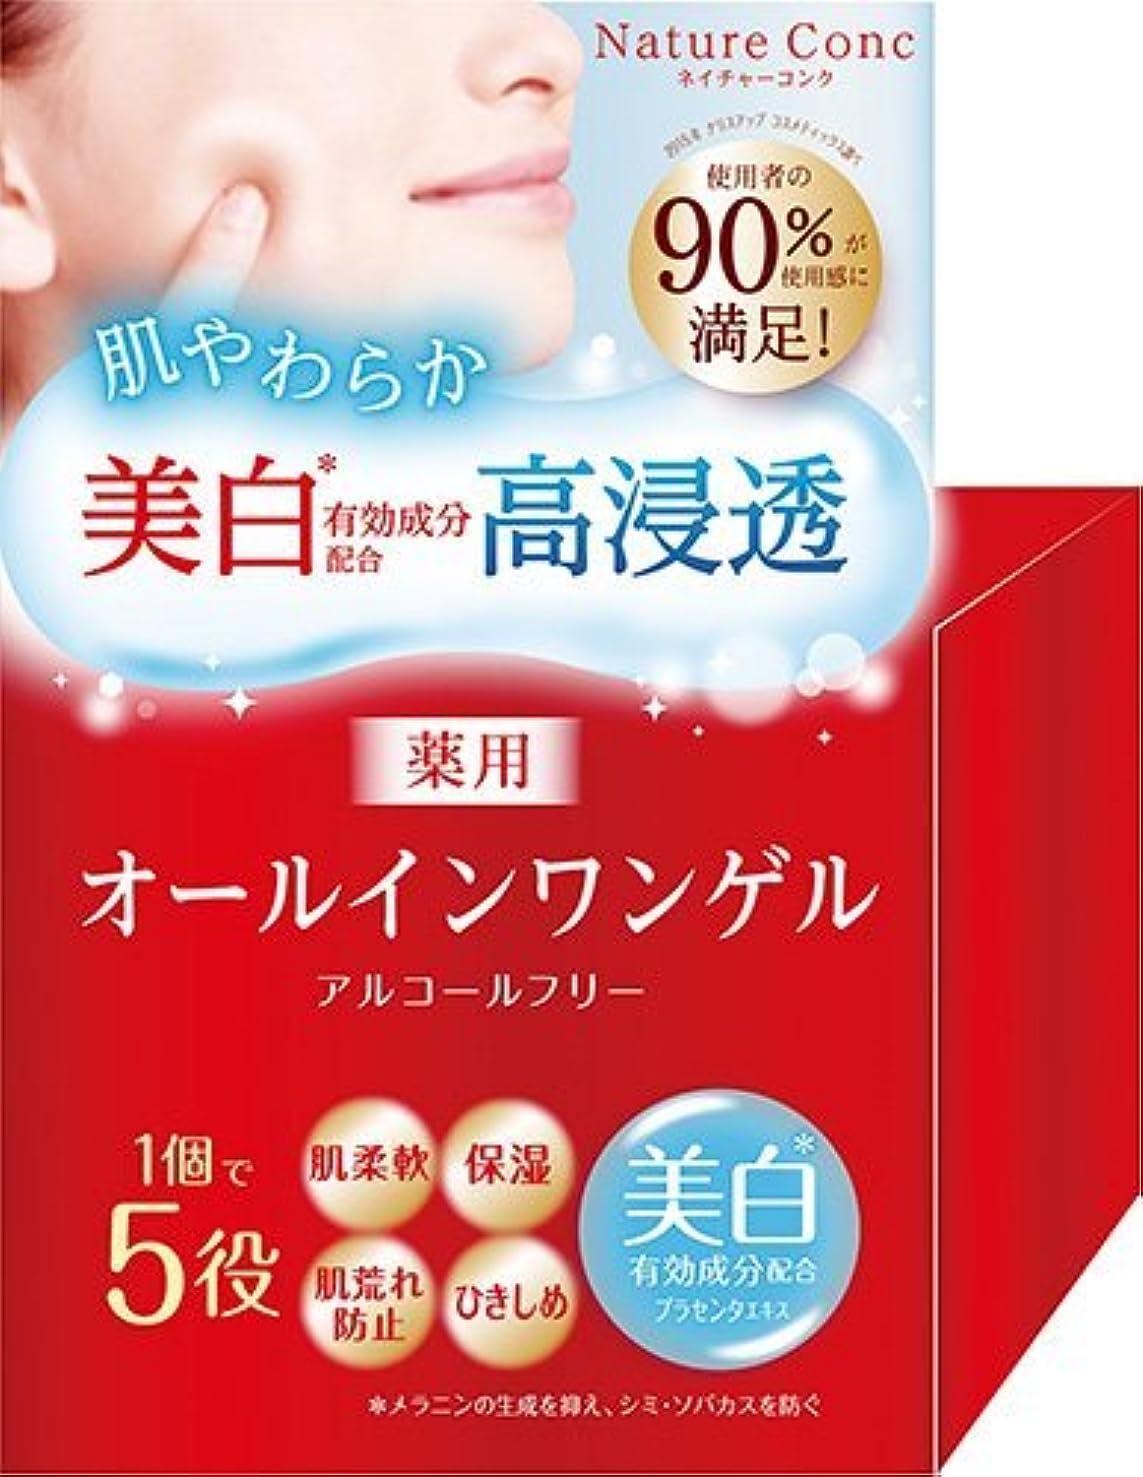 ネイチャーコンク 薬用モイスチャーゲル 100g (医薬部外品)